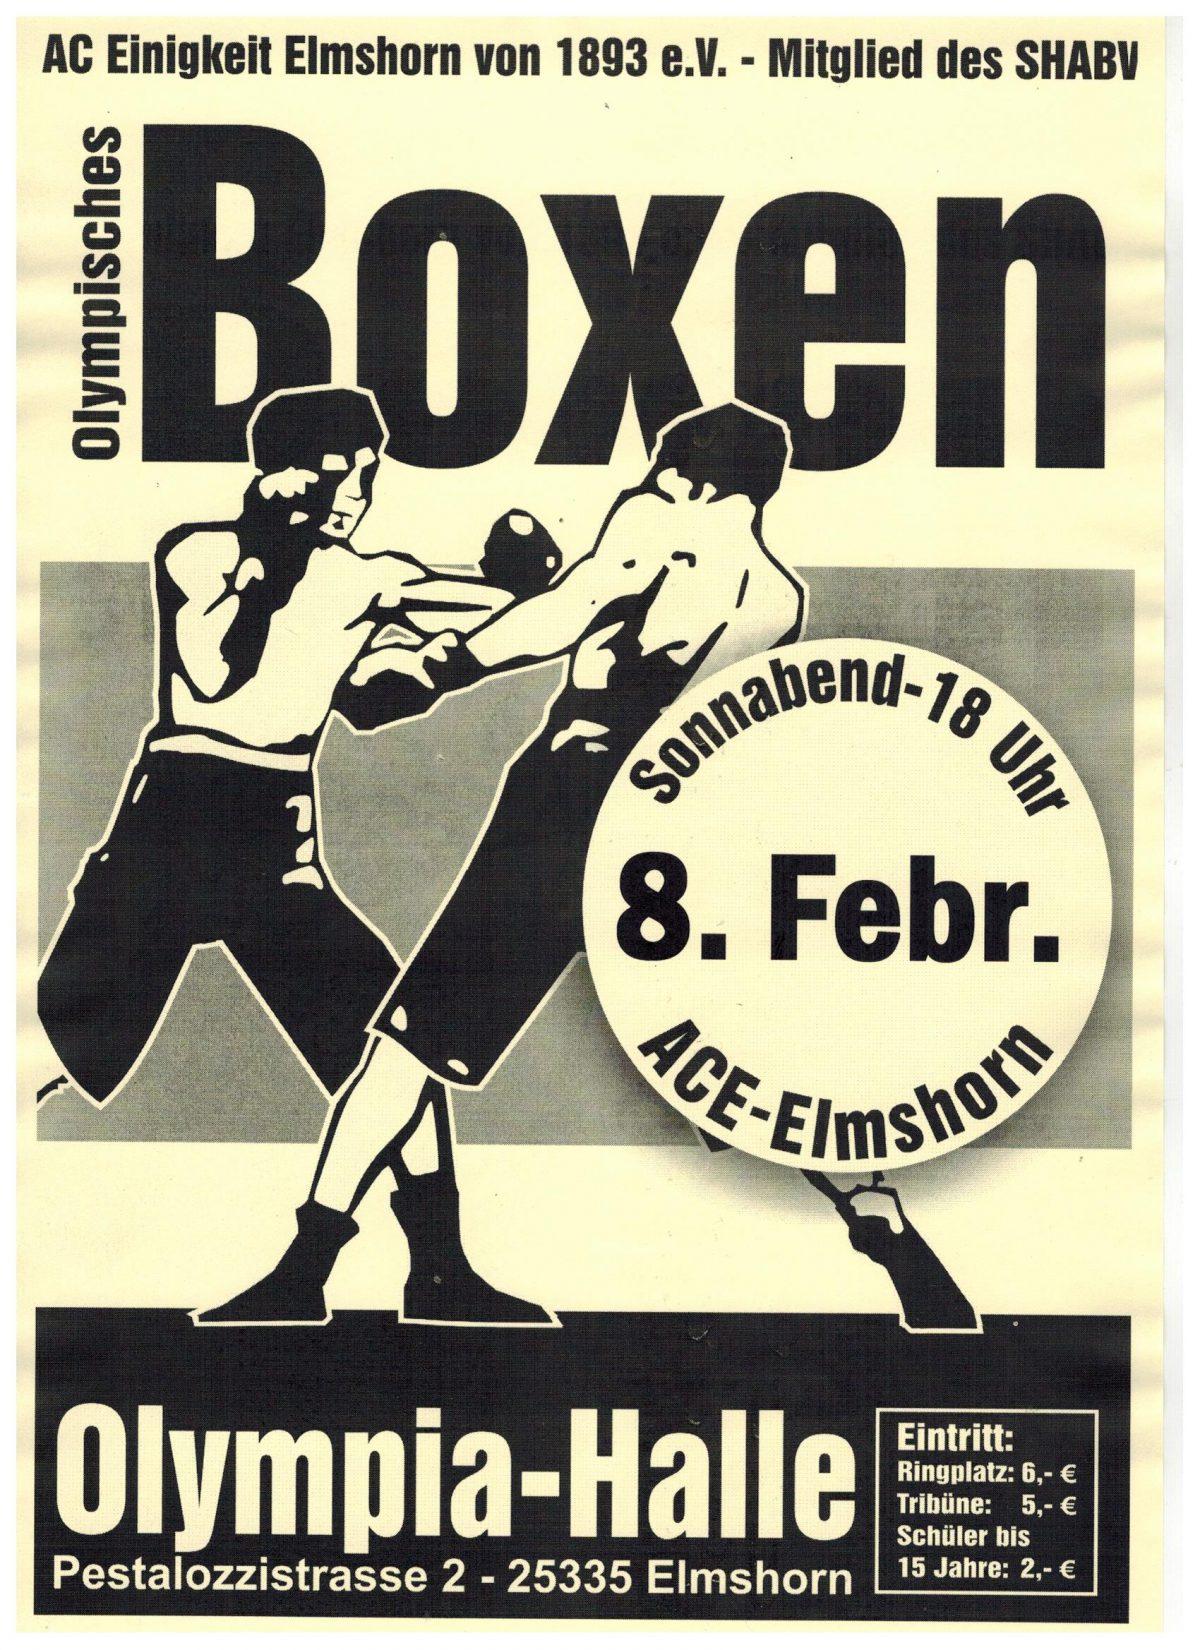 Ausschreibung – Vergleichskämpfe am 8. Februar in Elmshorn